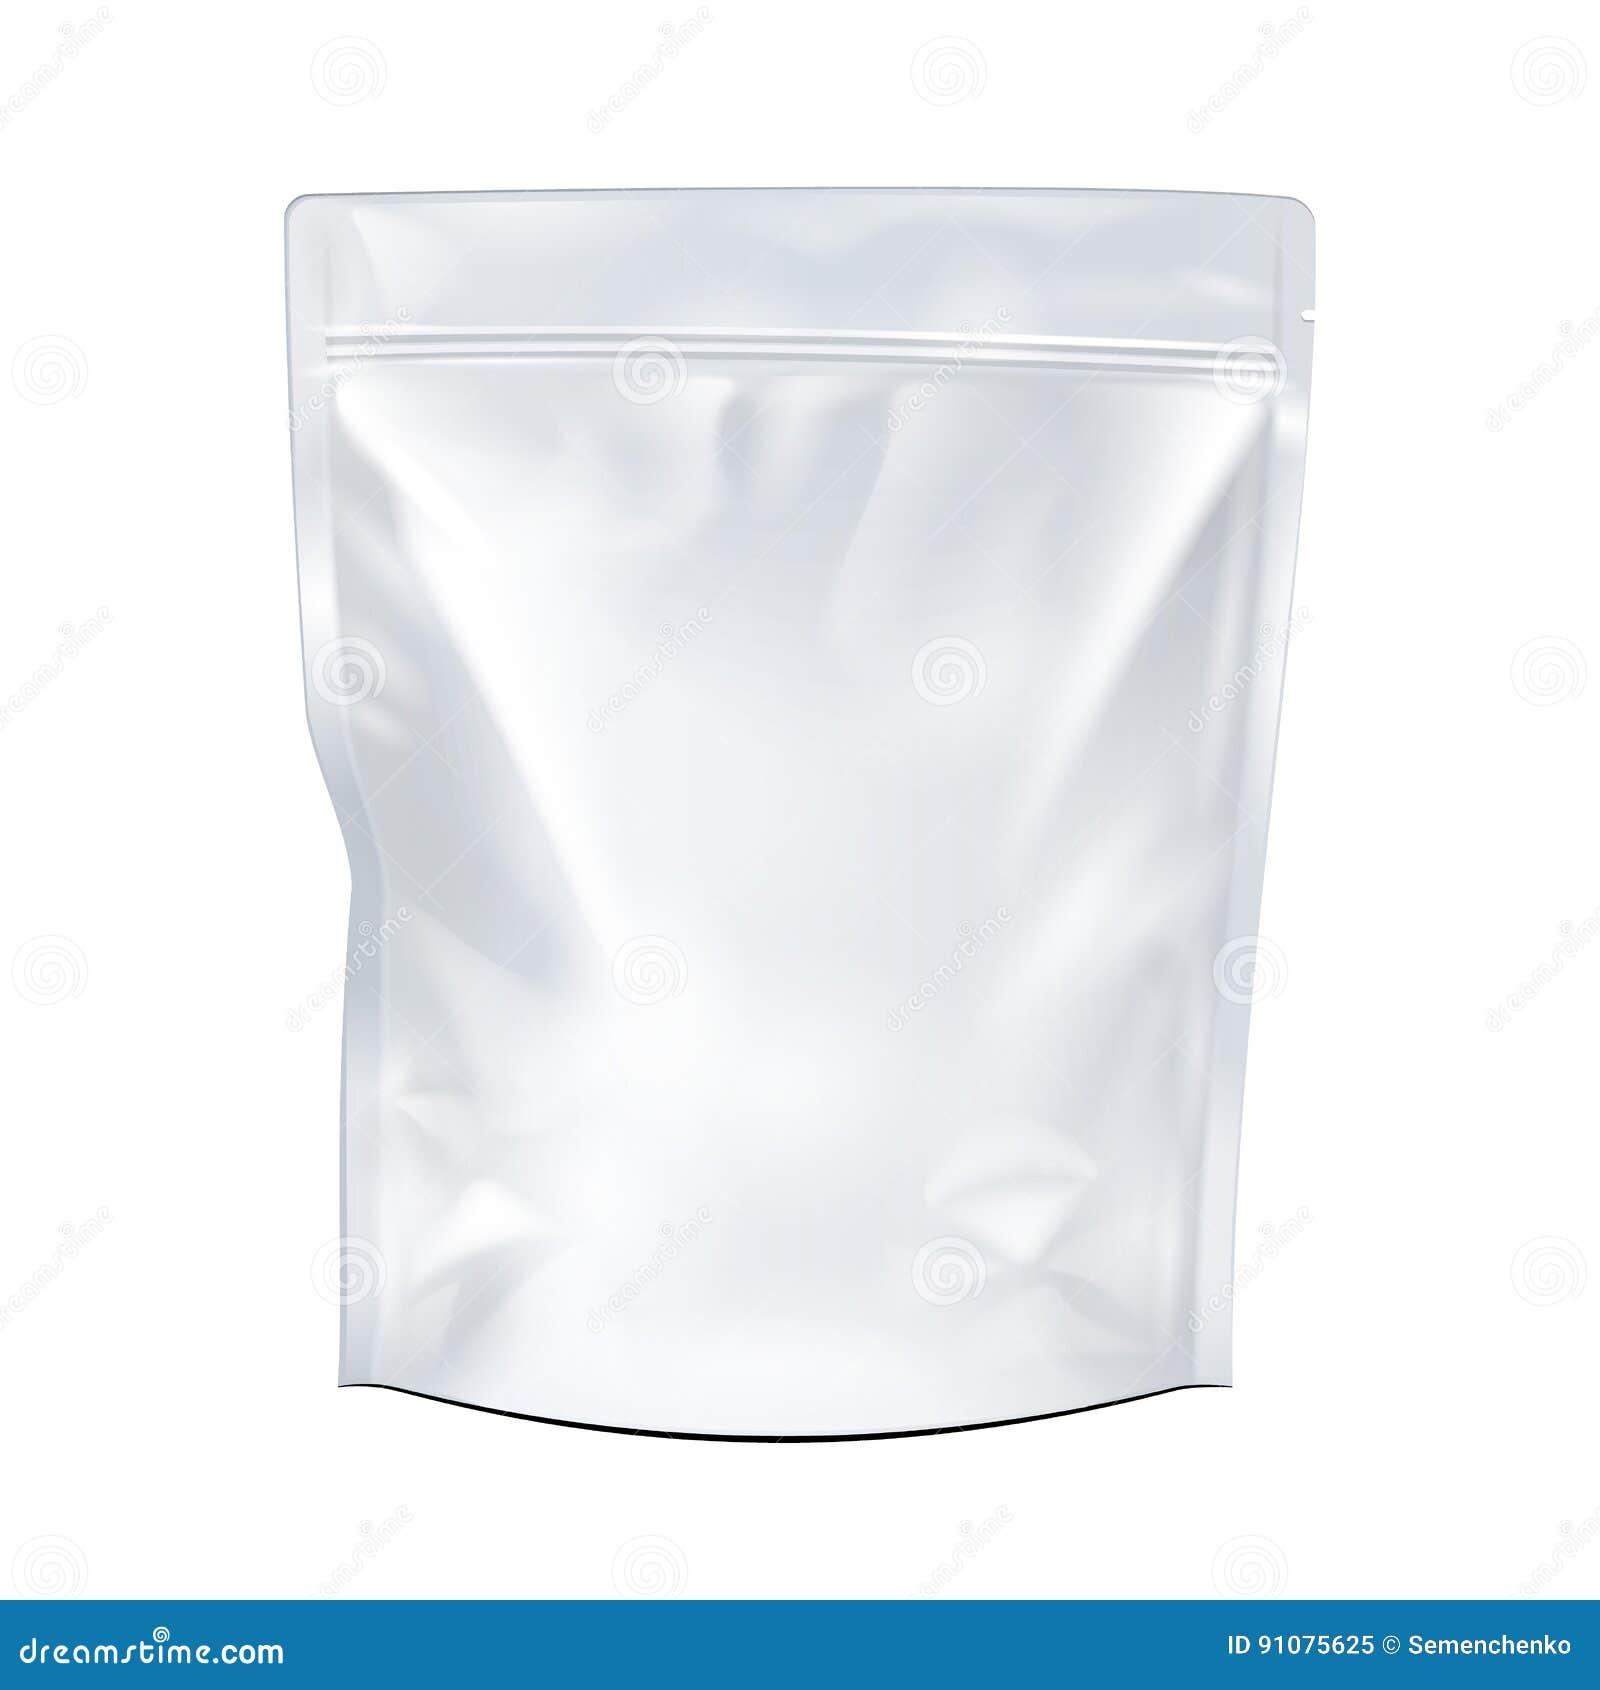 Weiß-Spott herauf leeres Folien-Lebensmittel oder Getränk Doypack-Taschen-Verpackung Plastiksatz bereit zu Ihrem Design Vektor ep